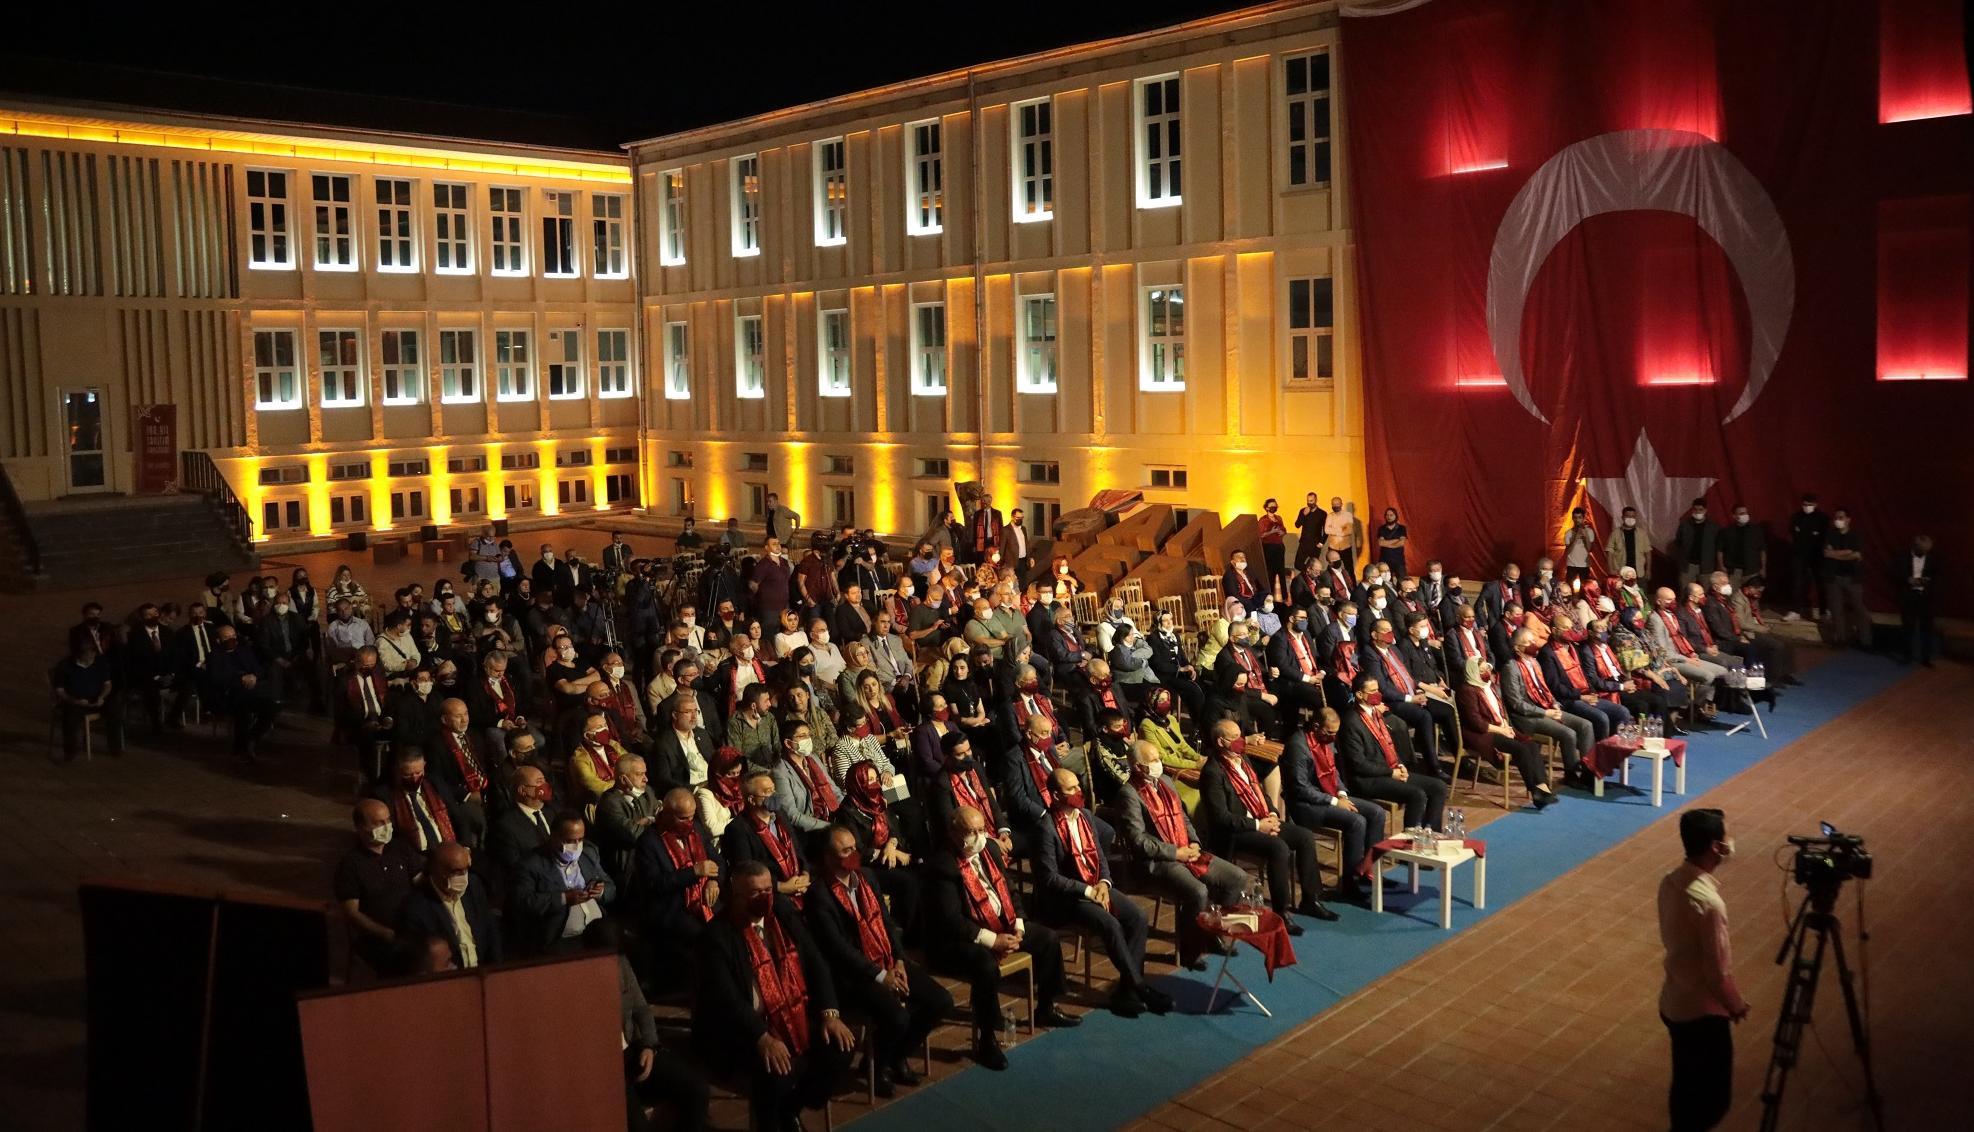 BÜYÜKŞEHİR, MİLLİ MÜCADELE'NİN 100'ÜNCÜ YILINDAKİ YAYINCILIK FAALİYETLERİNİ ANLATTI